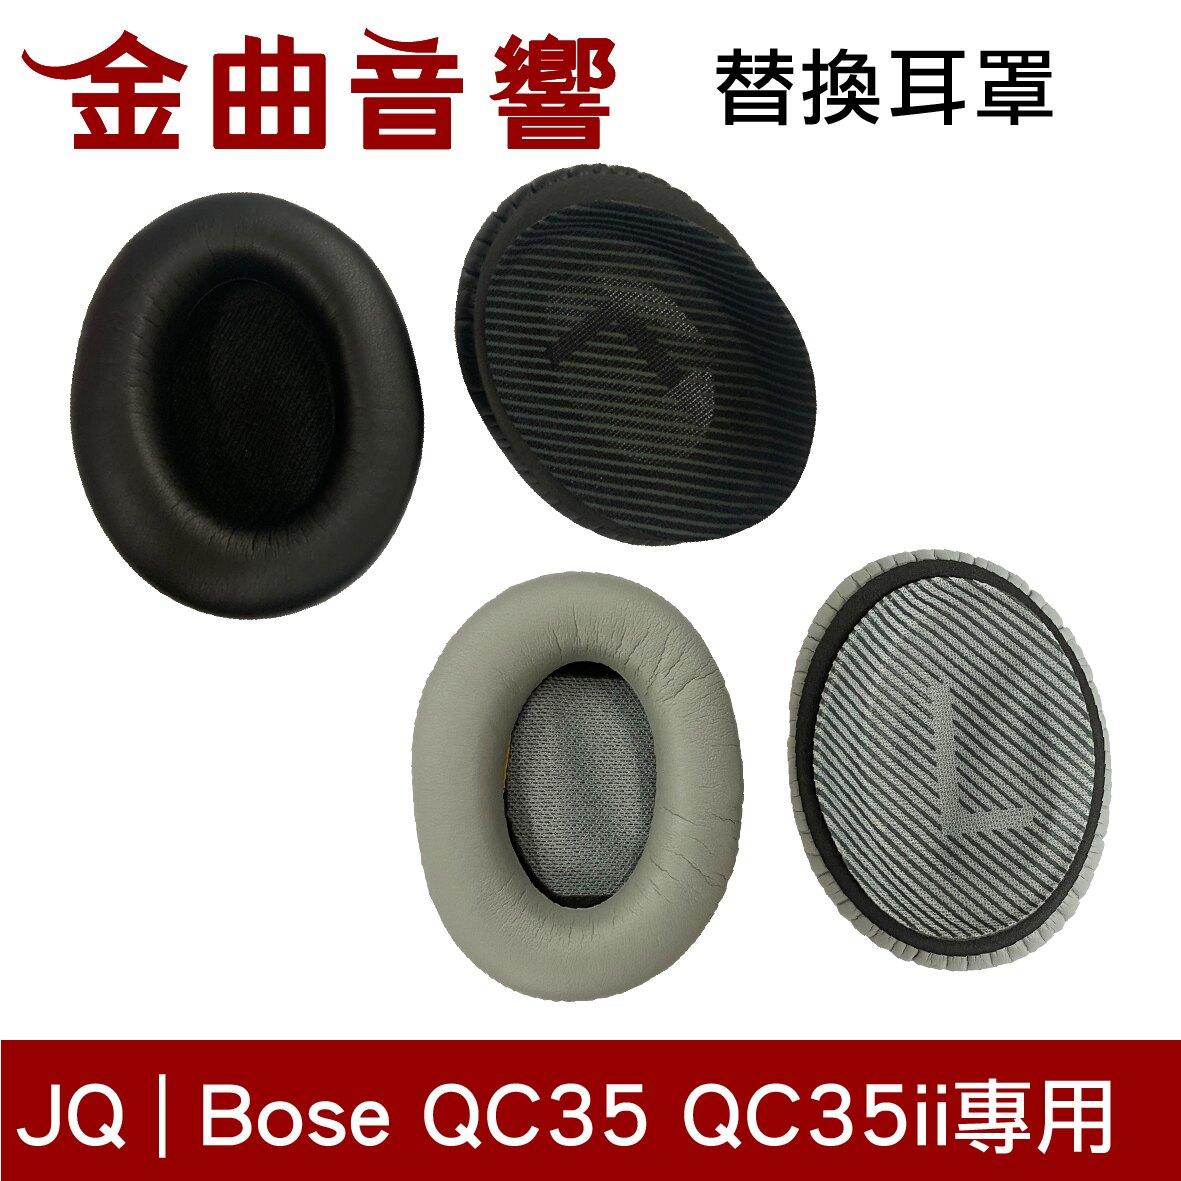 Bose 博士 QC35 黑 替換耳罩 專用耳罩 + 耳墊 | 金曲音響